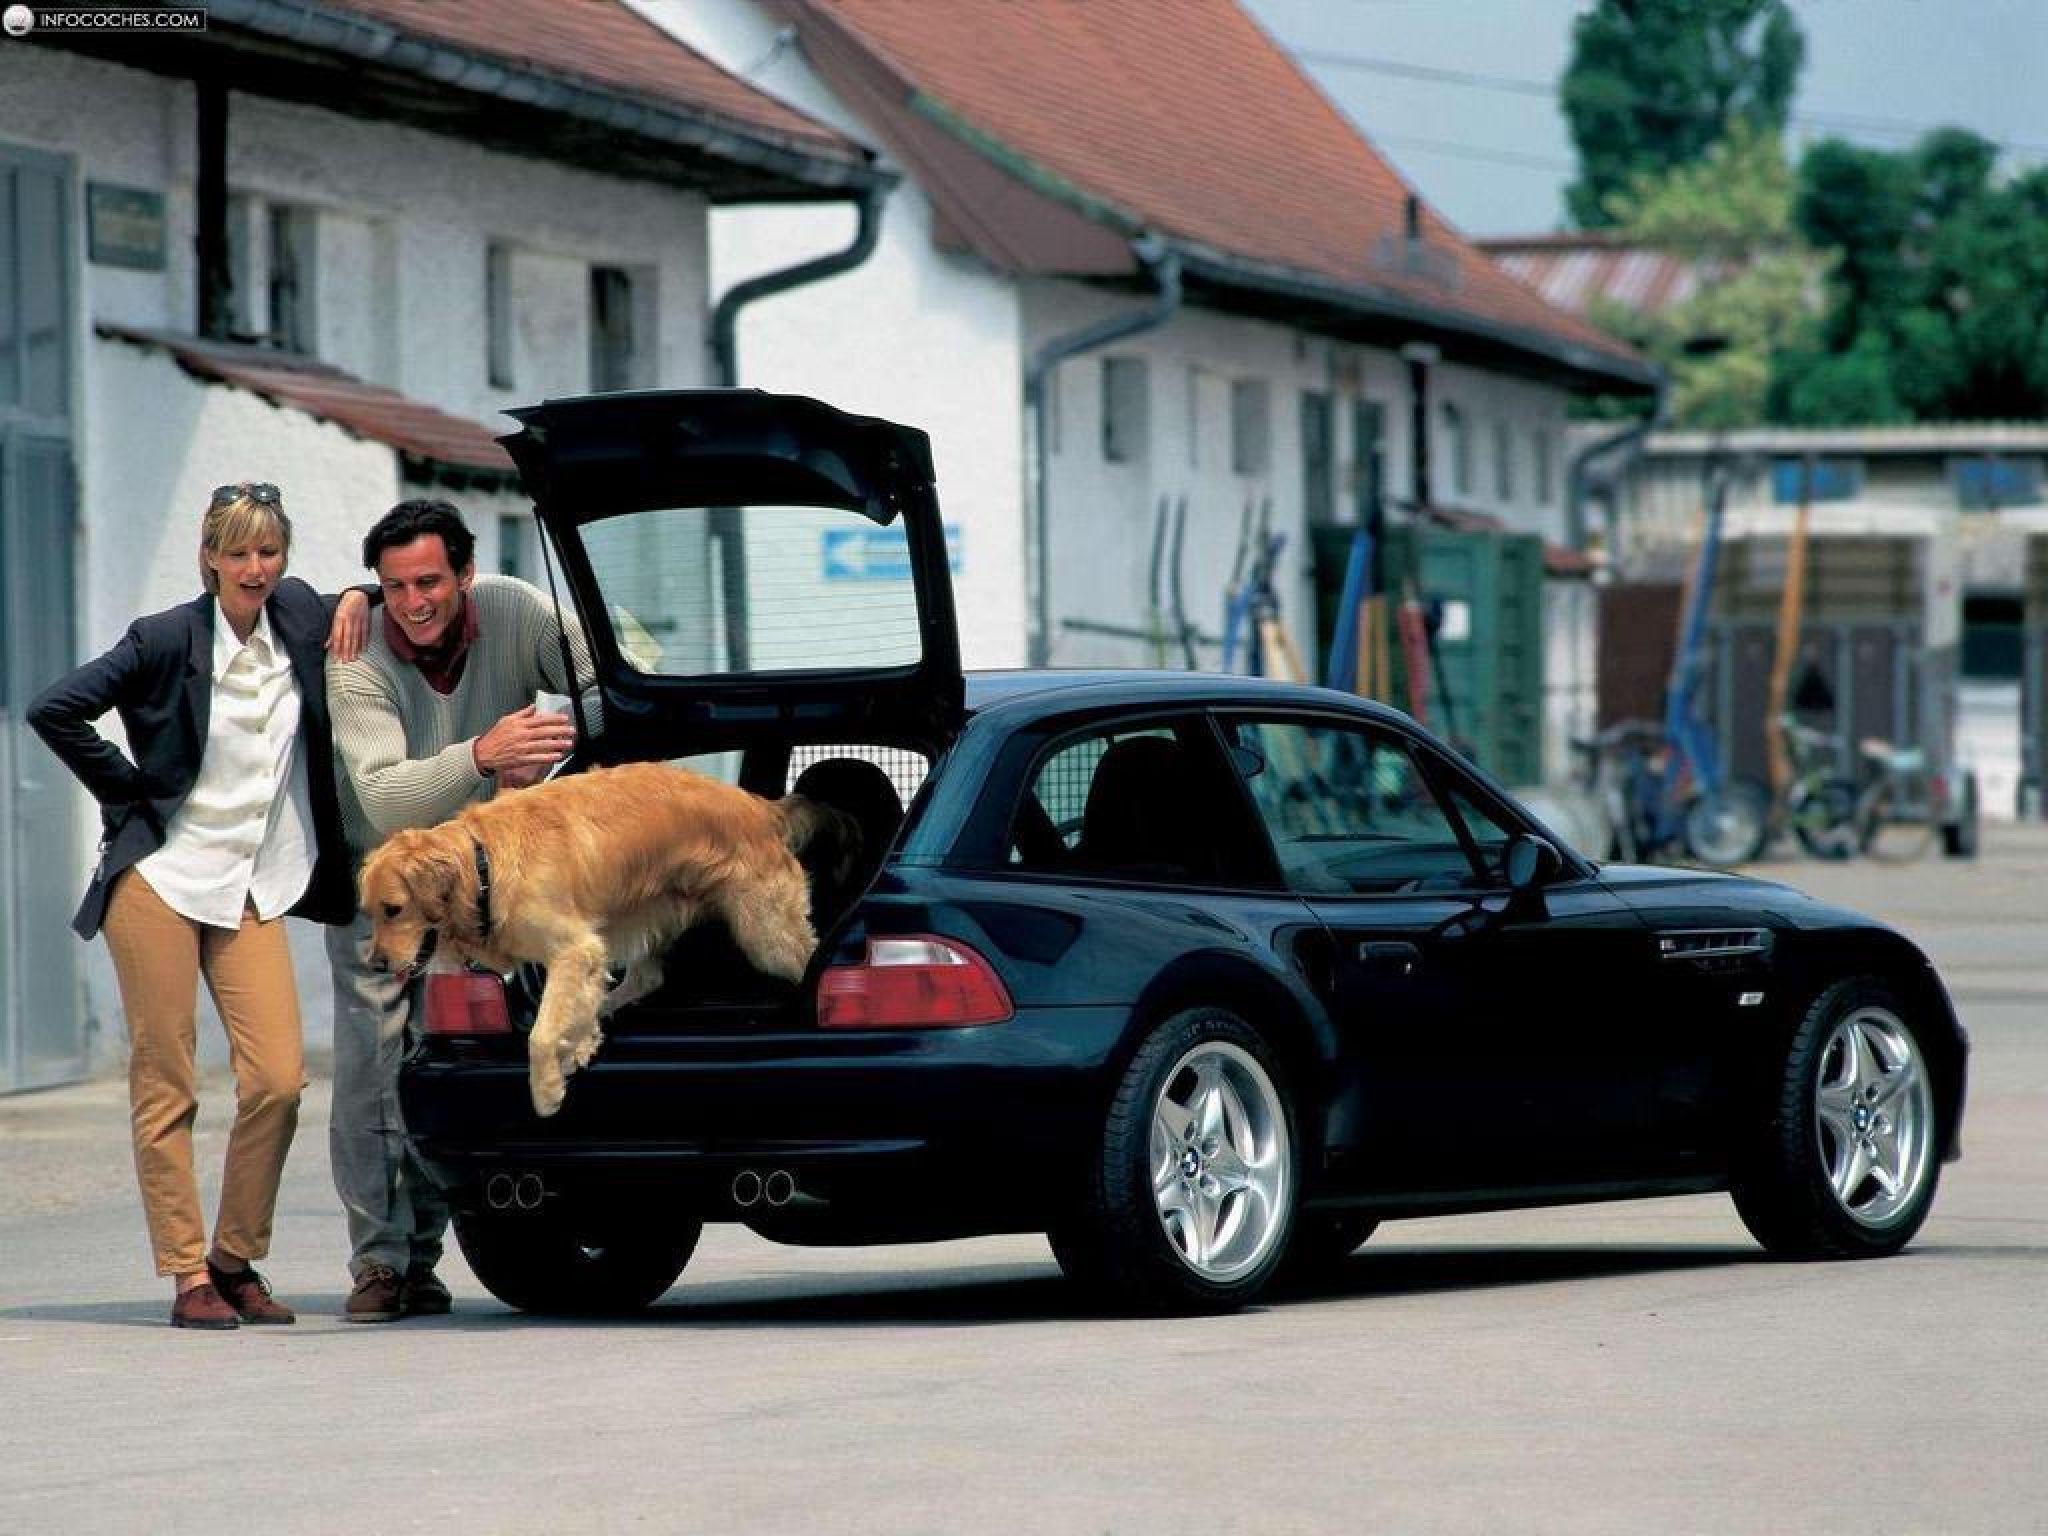 9162e46d171e7400f164da0acf79cab0 Cool Bmw Z1 Joyas sobre Ruedas Cars Trend